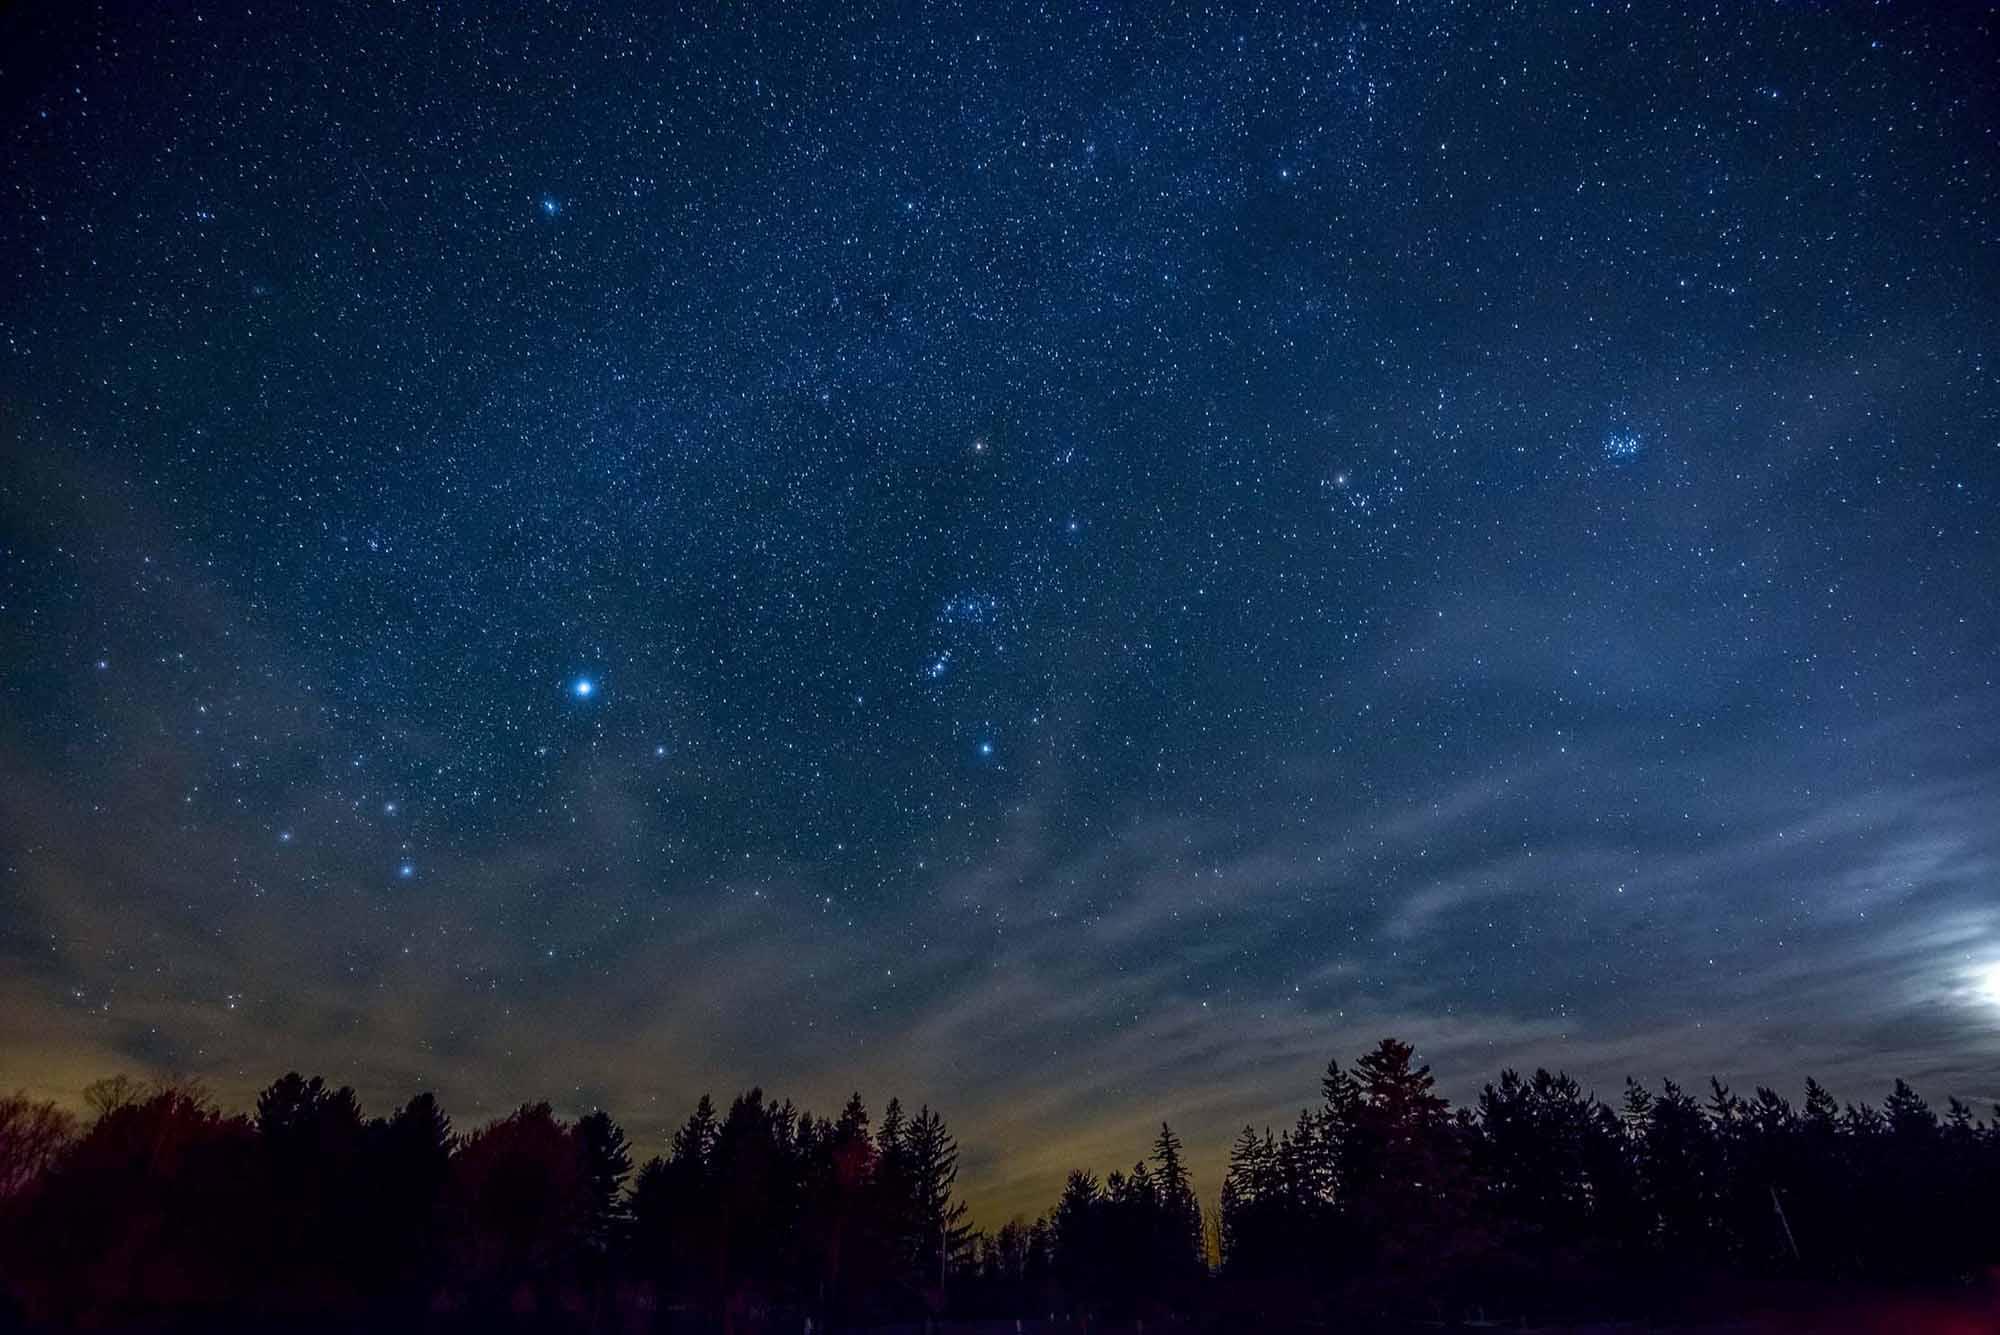 Park Pennsylvania Amatørastronomi For Mørk Himmel